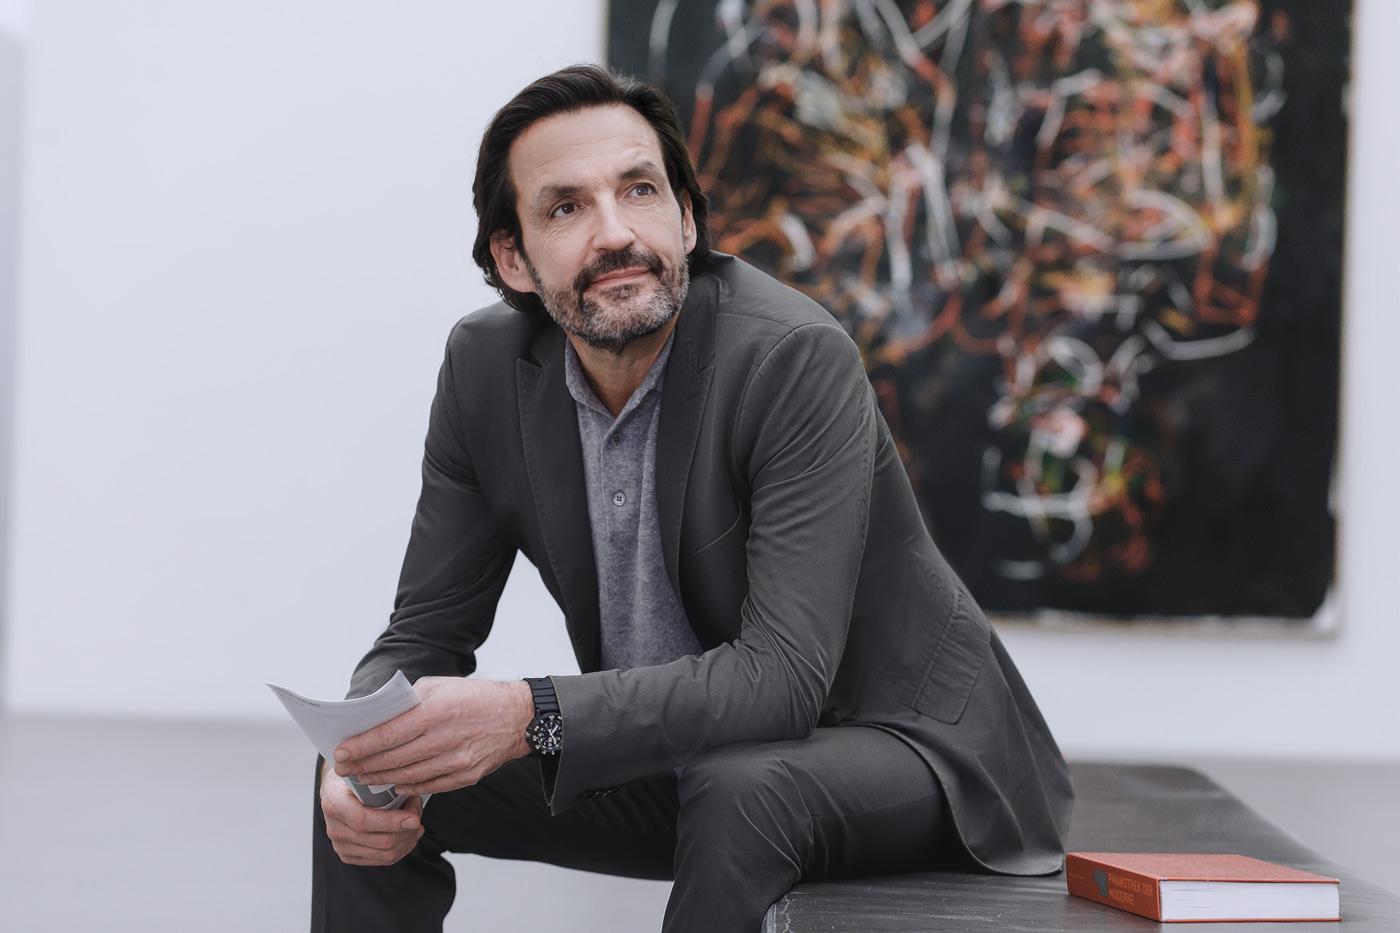 Kunstliebhaber beim Betrachten von Gemälden